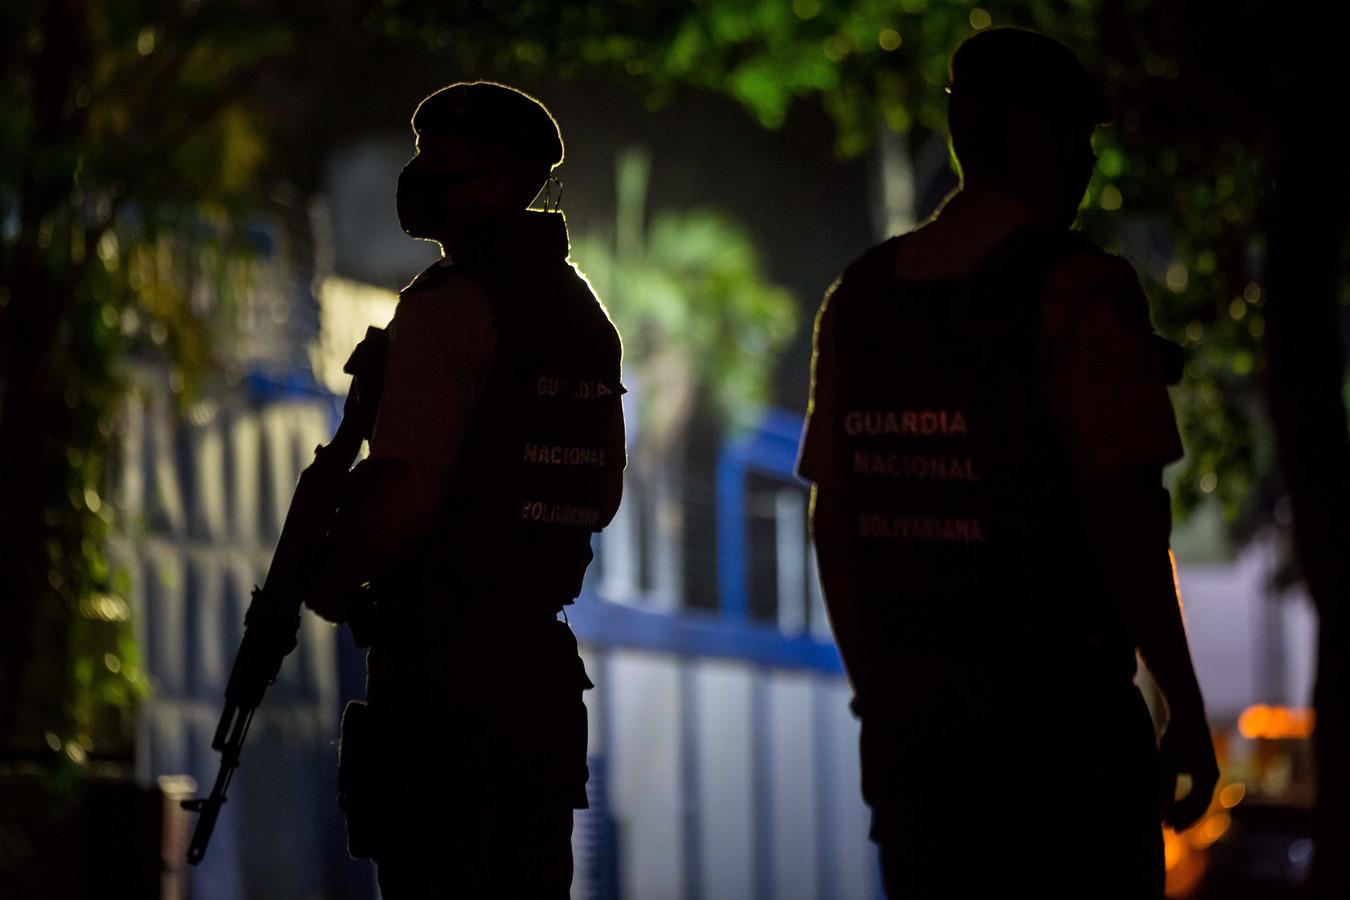 Leden van de Nationale Garde vrijdagavond bij het hoofdgebouw van de krant El Nacional in de Venezolaanse hoofdstad Caracas.